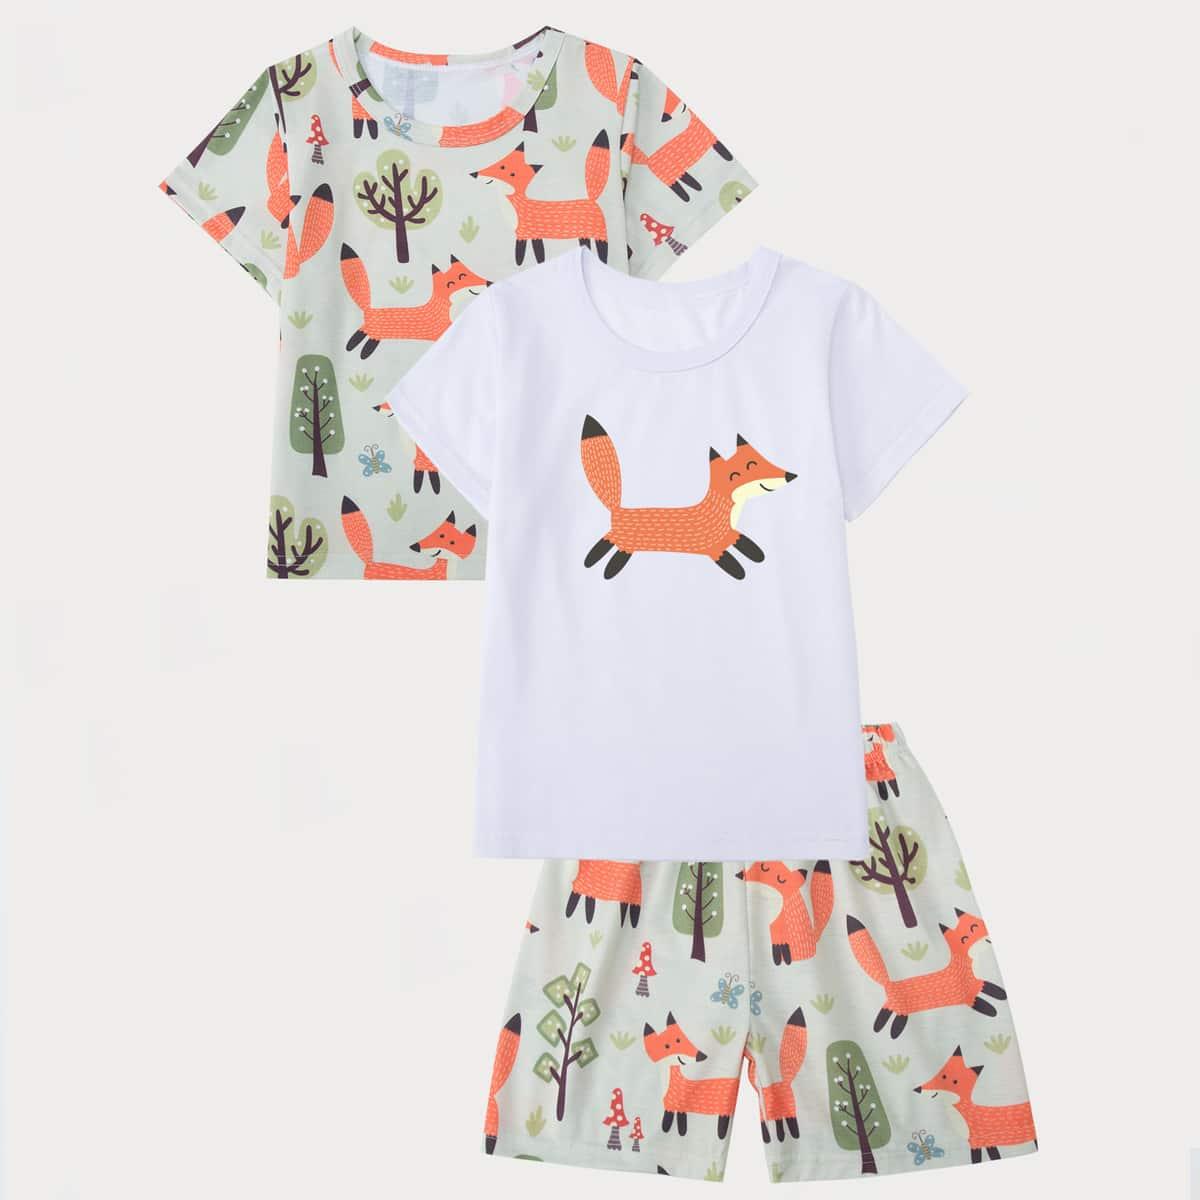 Мультяшный принт милый Домашняя одежда для мальчиков